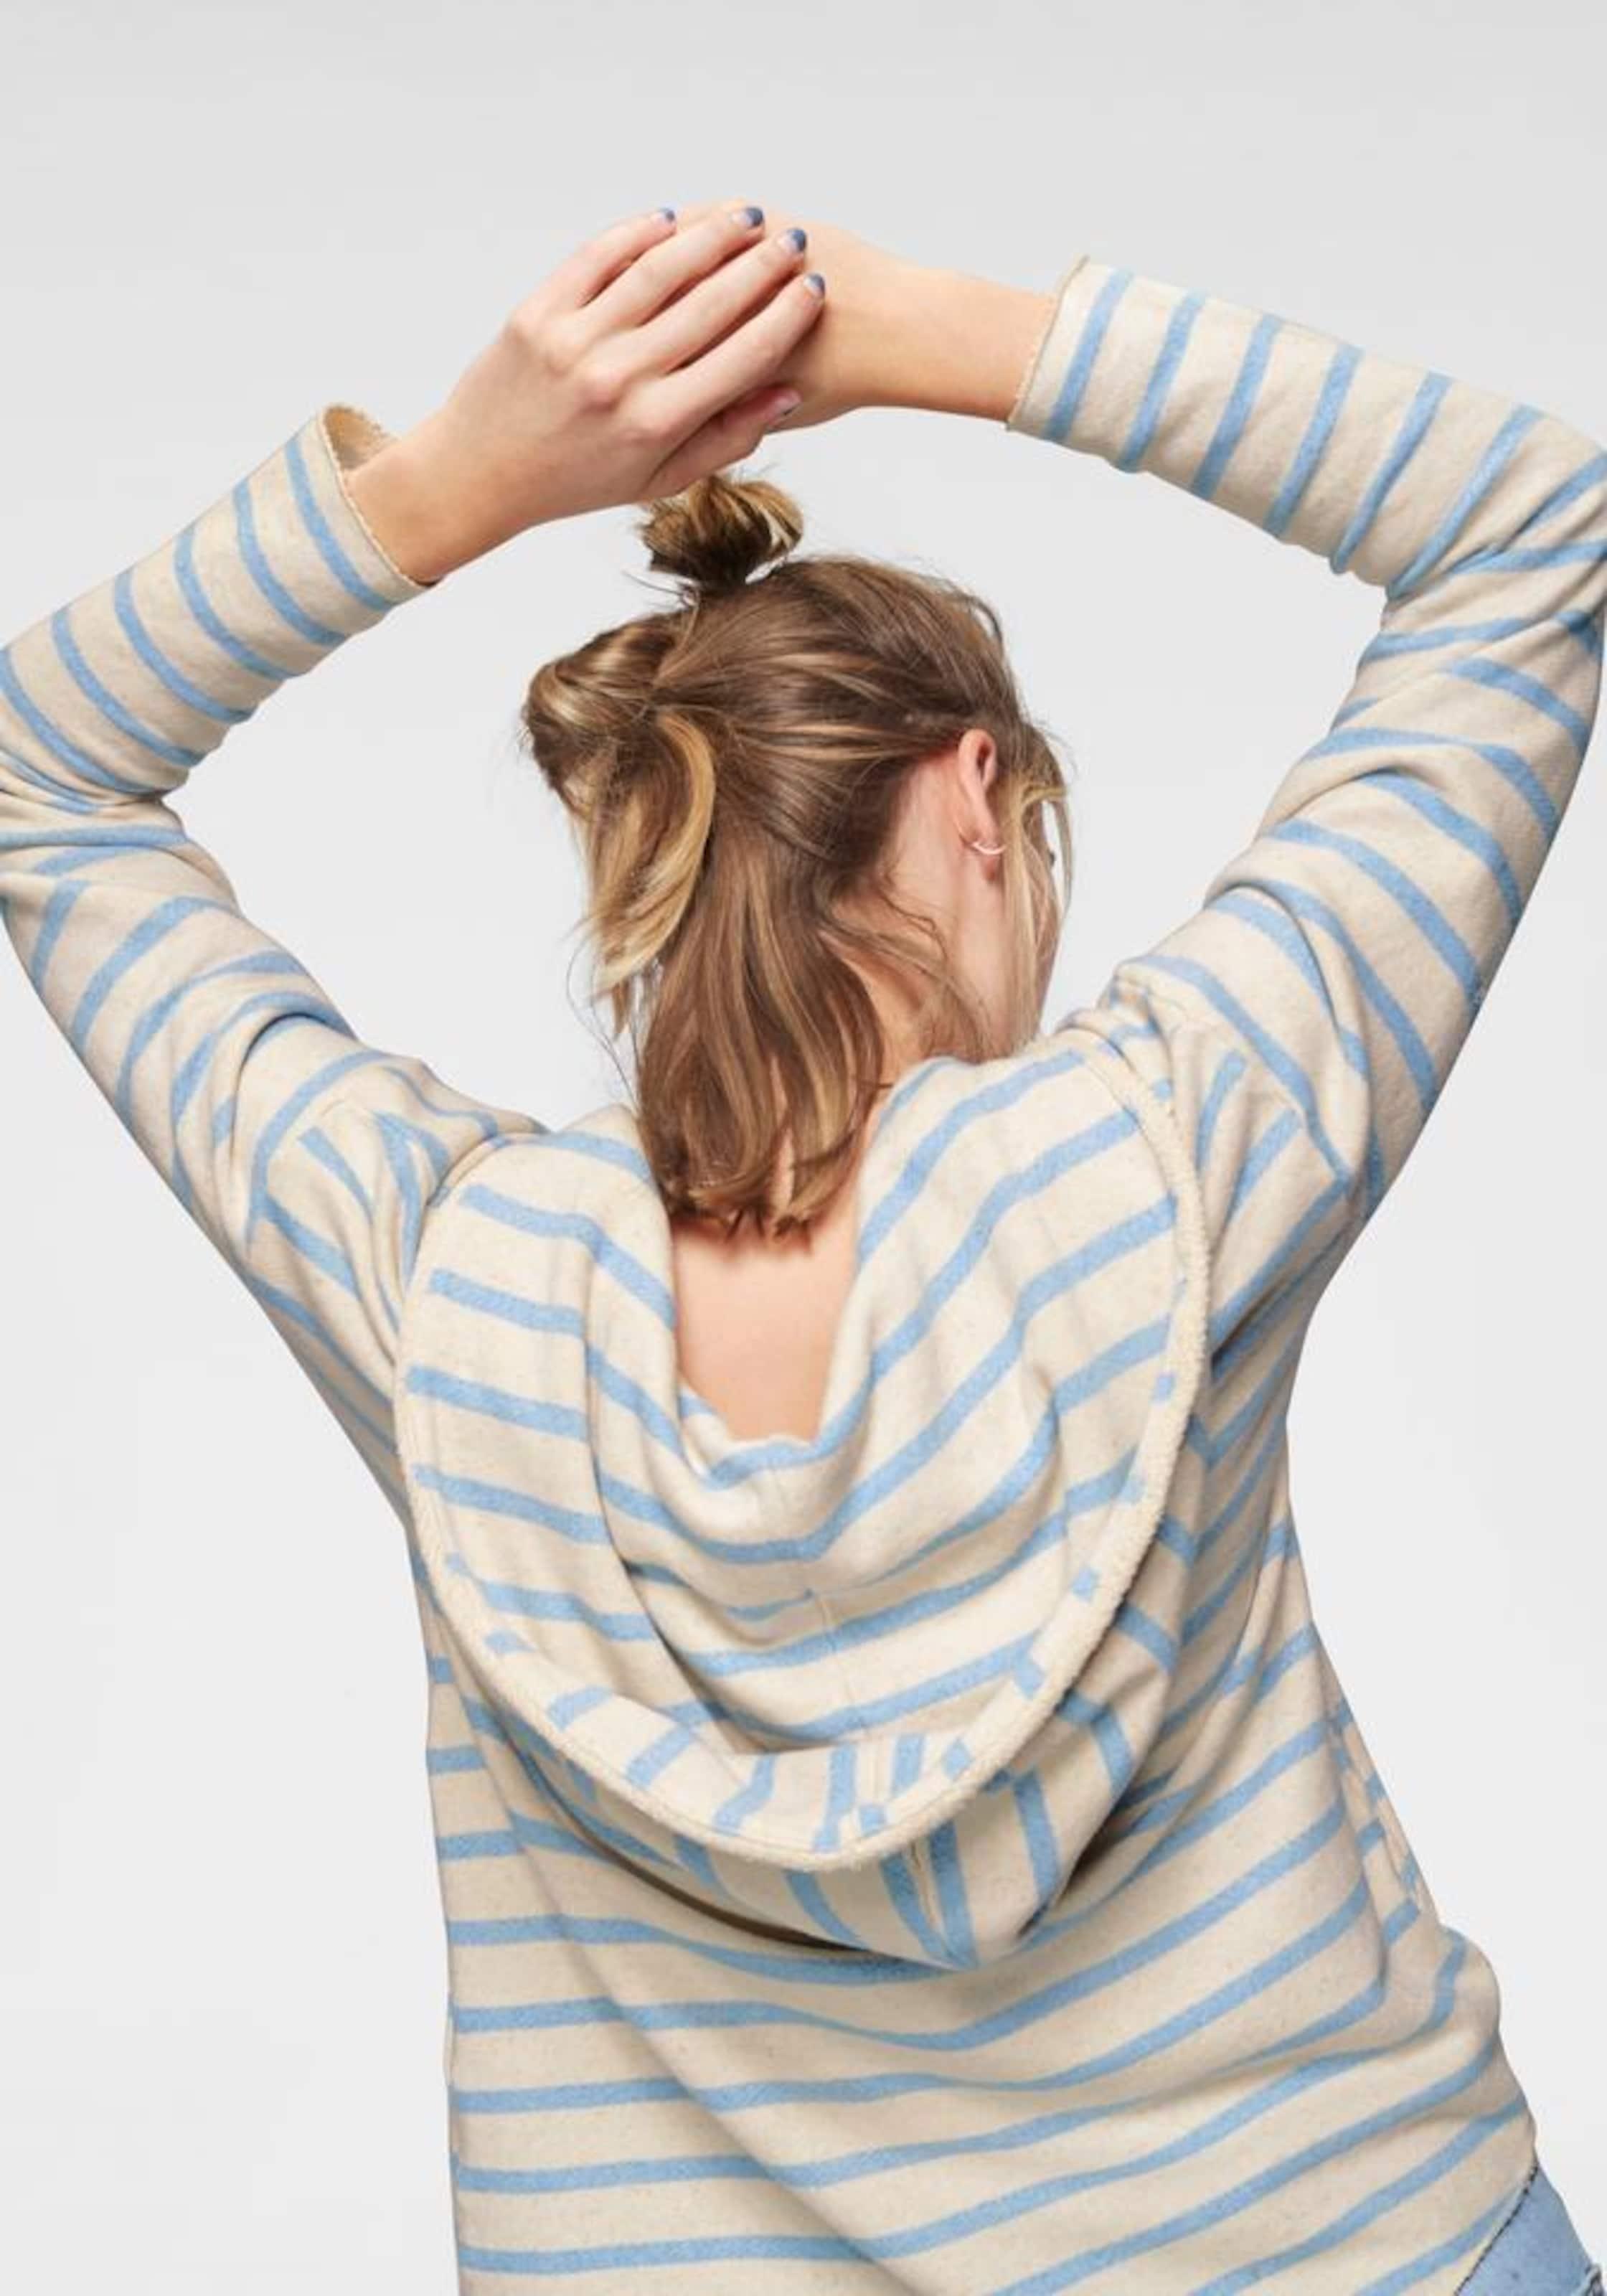 'sonja' Herrlicher BeigemeliertHellblau In 'sonja' Sweatshirt Sweatshirt Herrlicher jq54A3LR